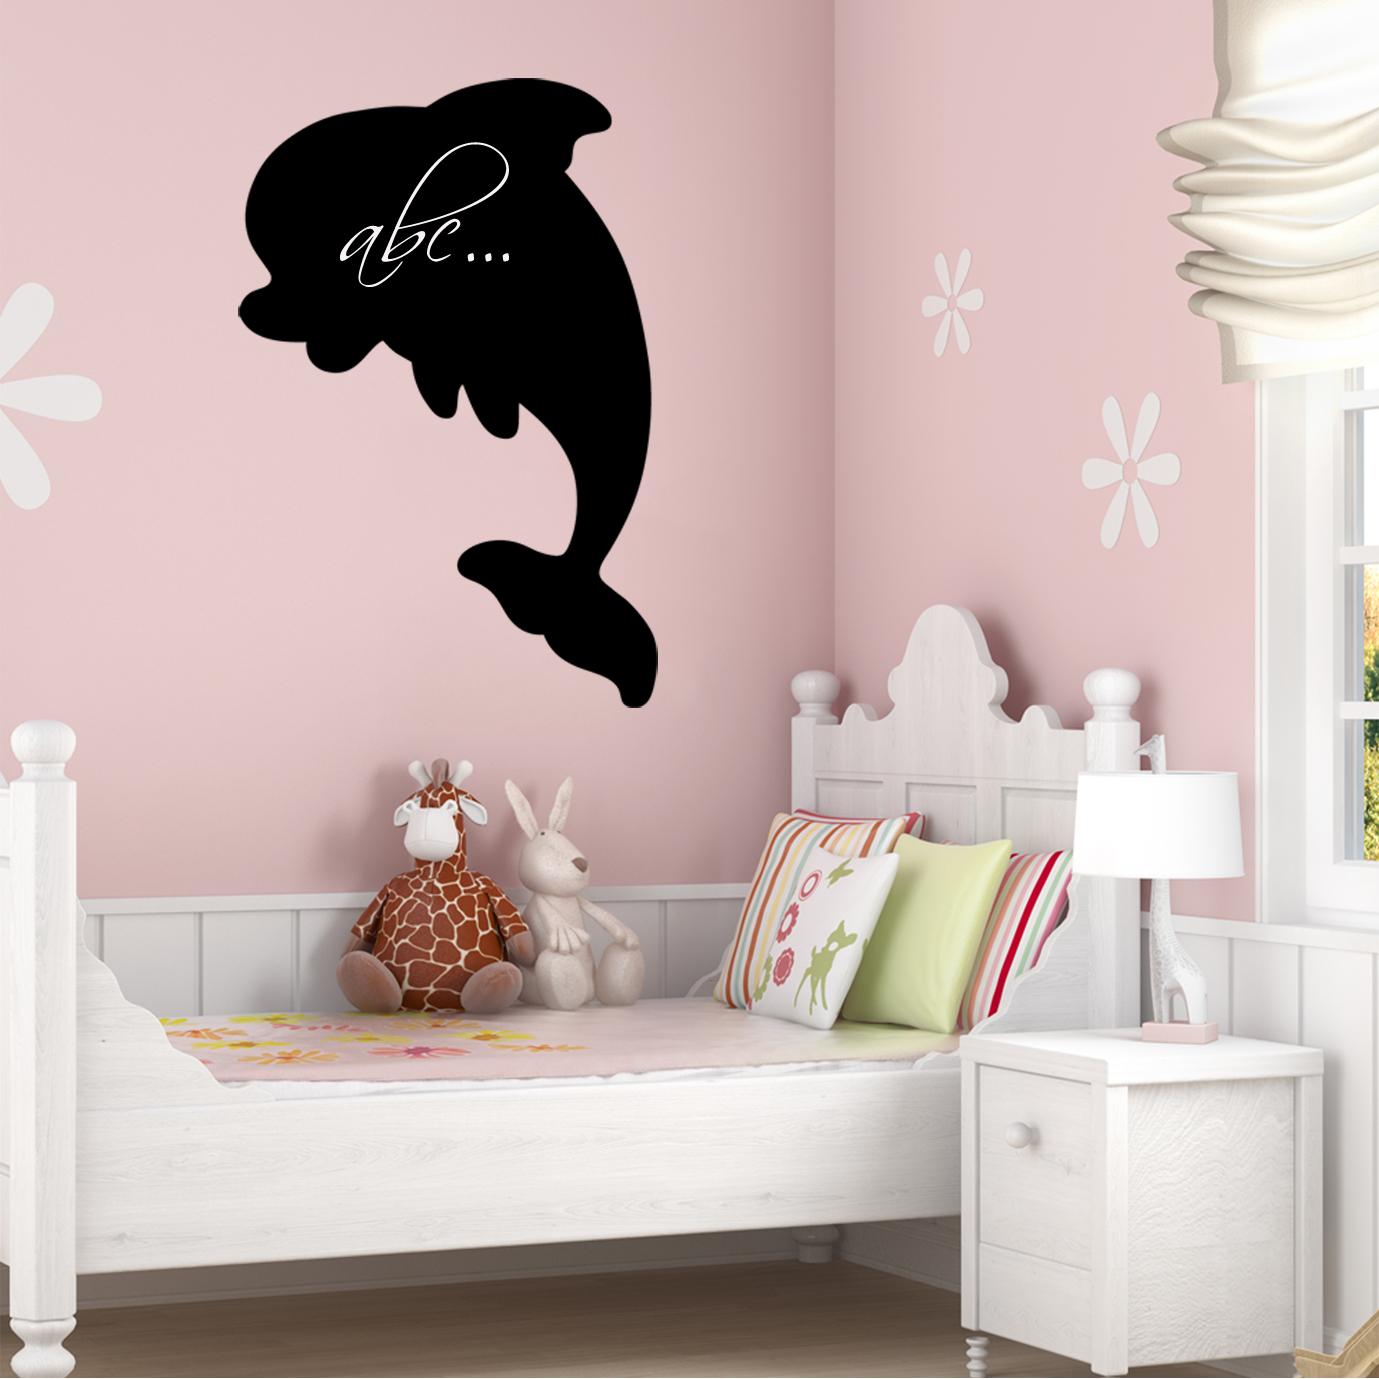 Adesivi follia adesivo lavagna delfino for Stickers lavagna cucina